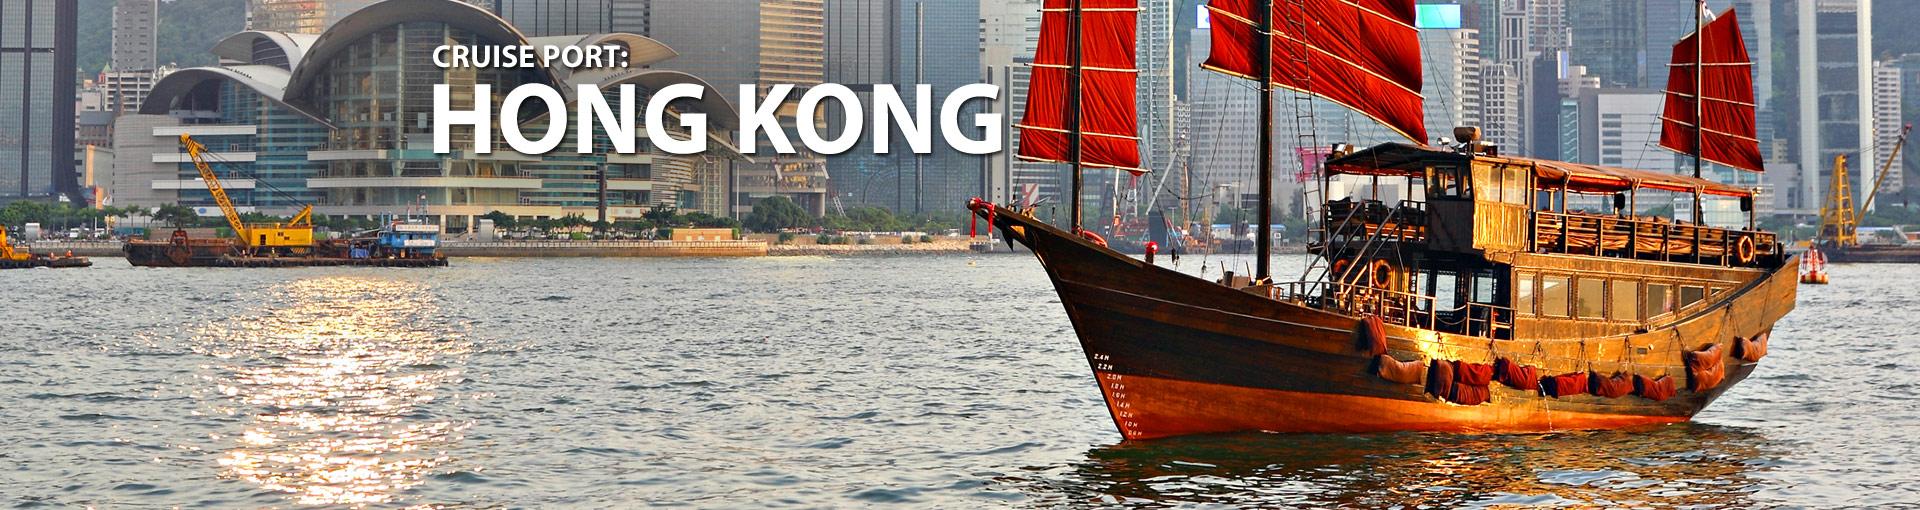 Cruises from Hong Kong, China